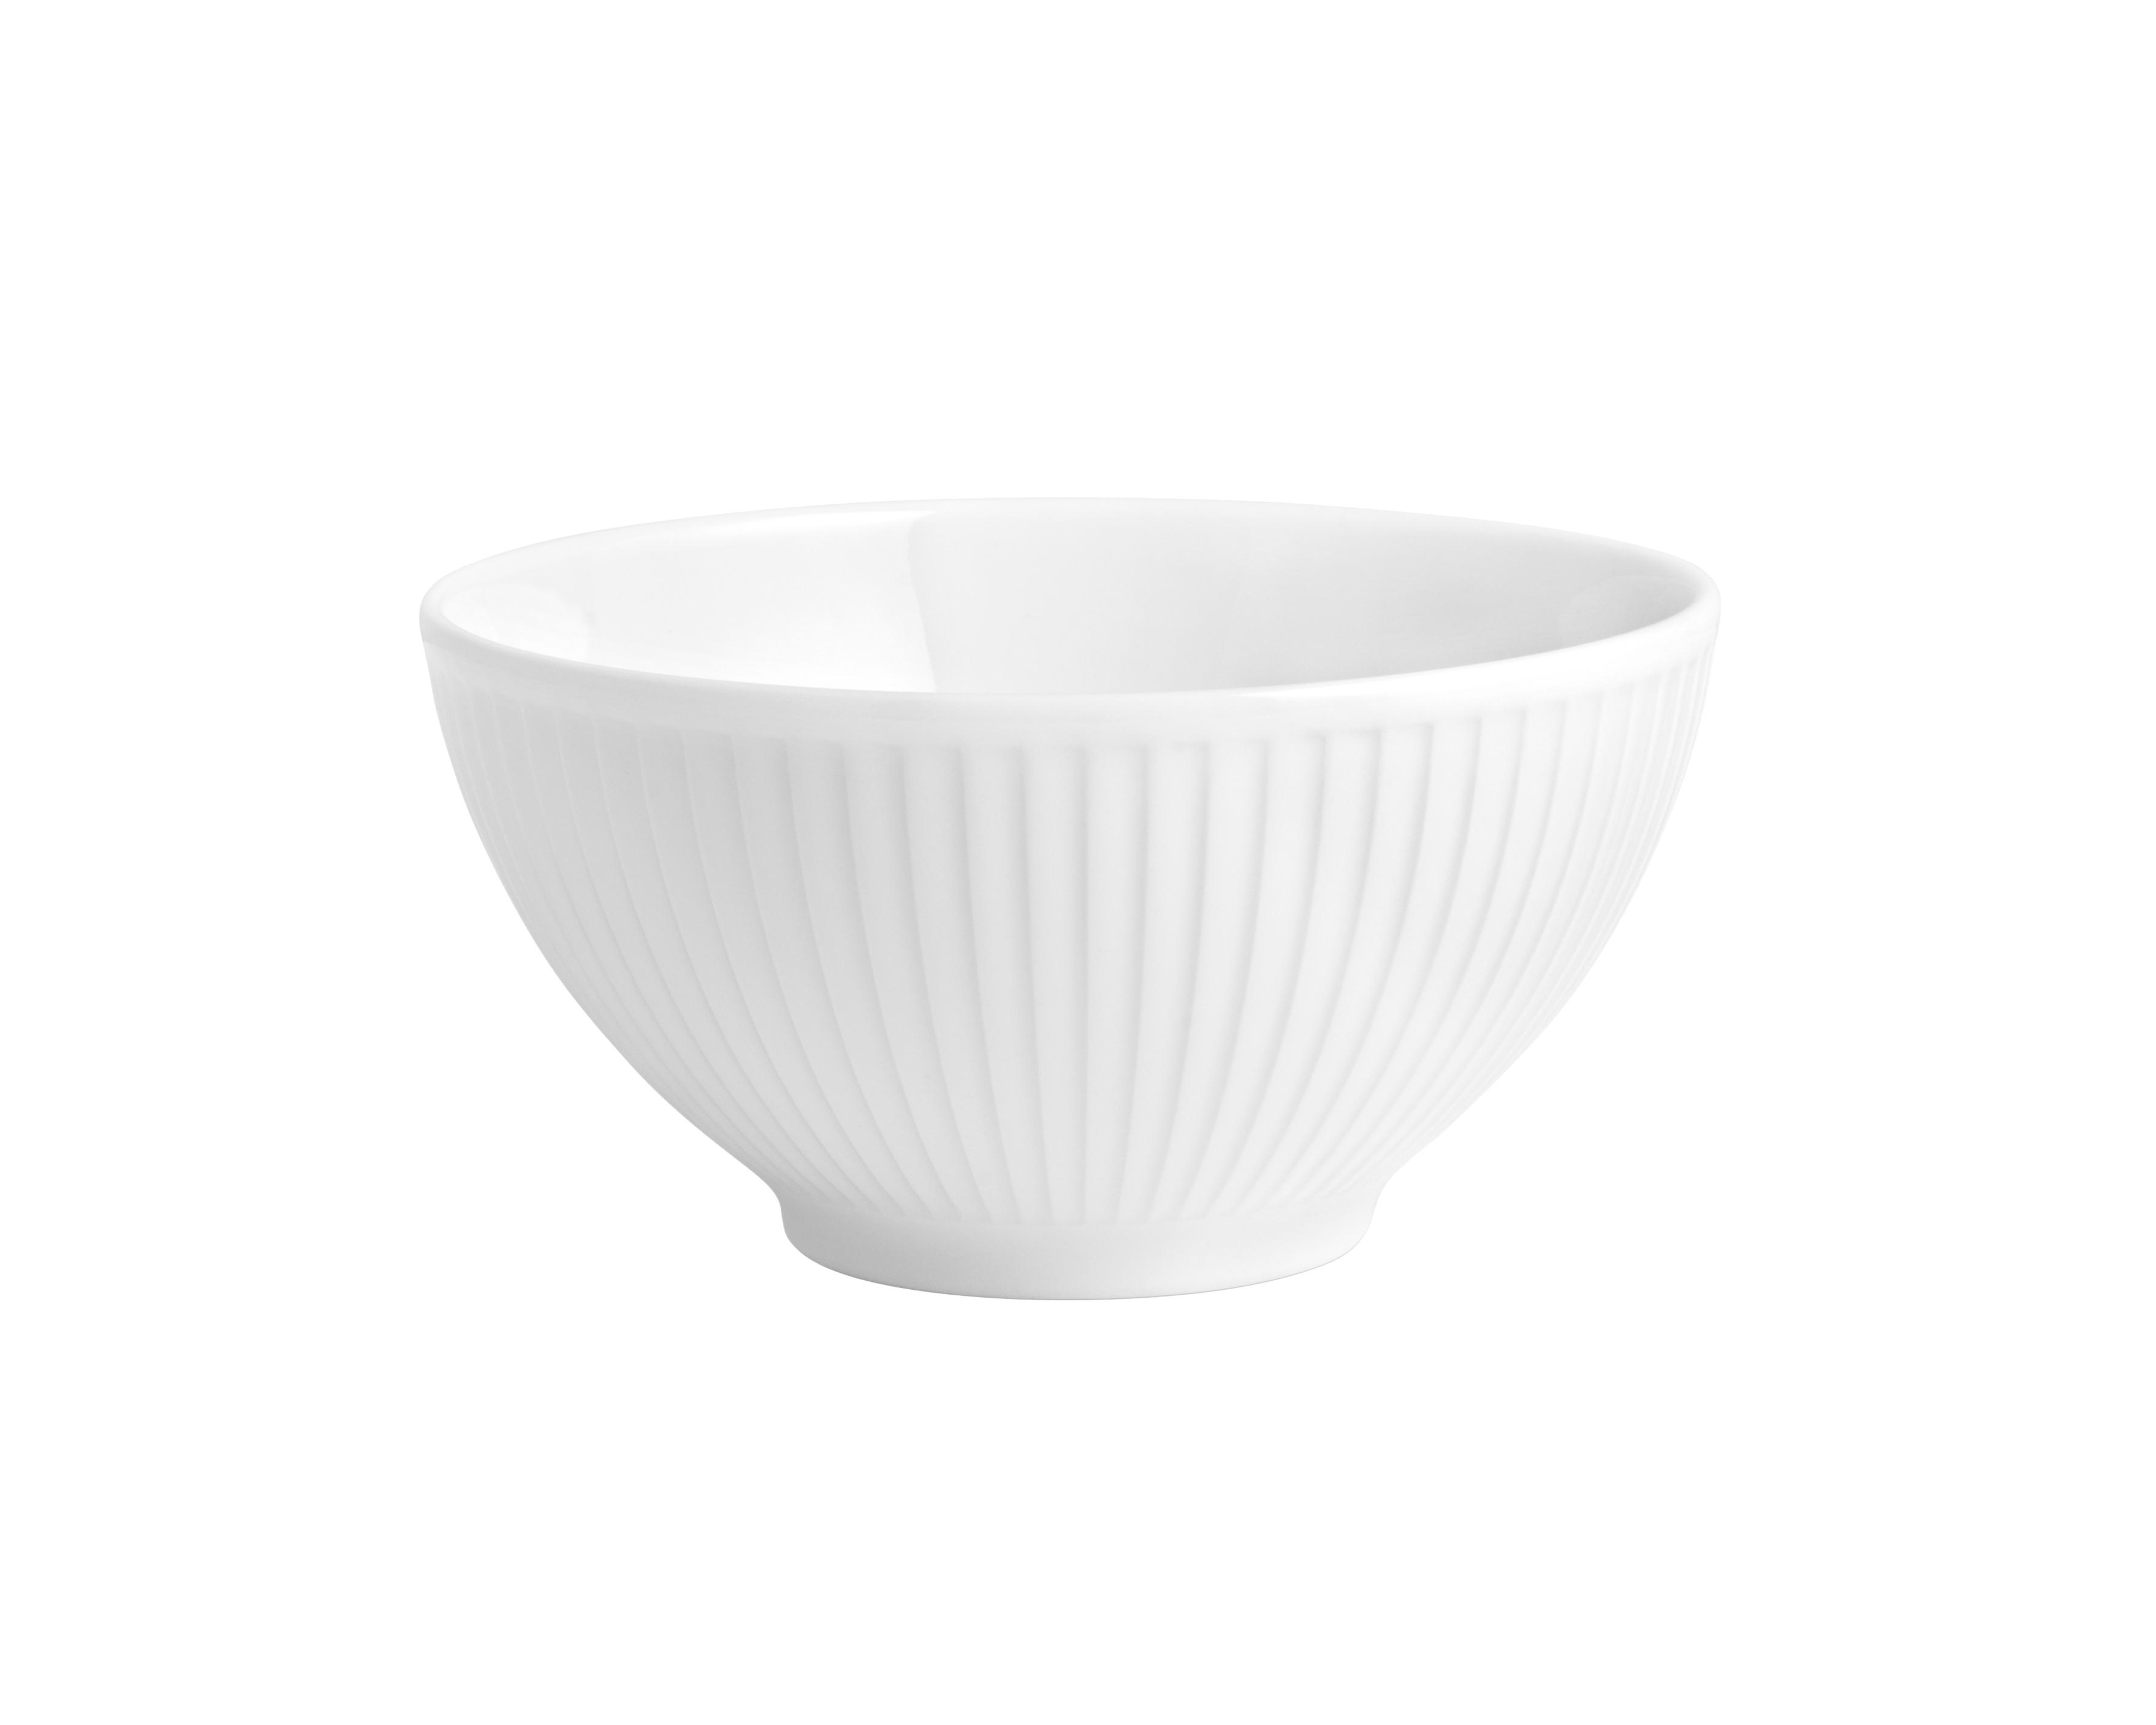 Pillivuyt - Plissé Bowl 14 cm - White (174214)